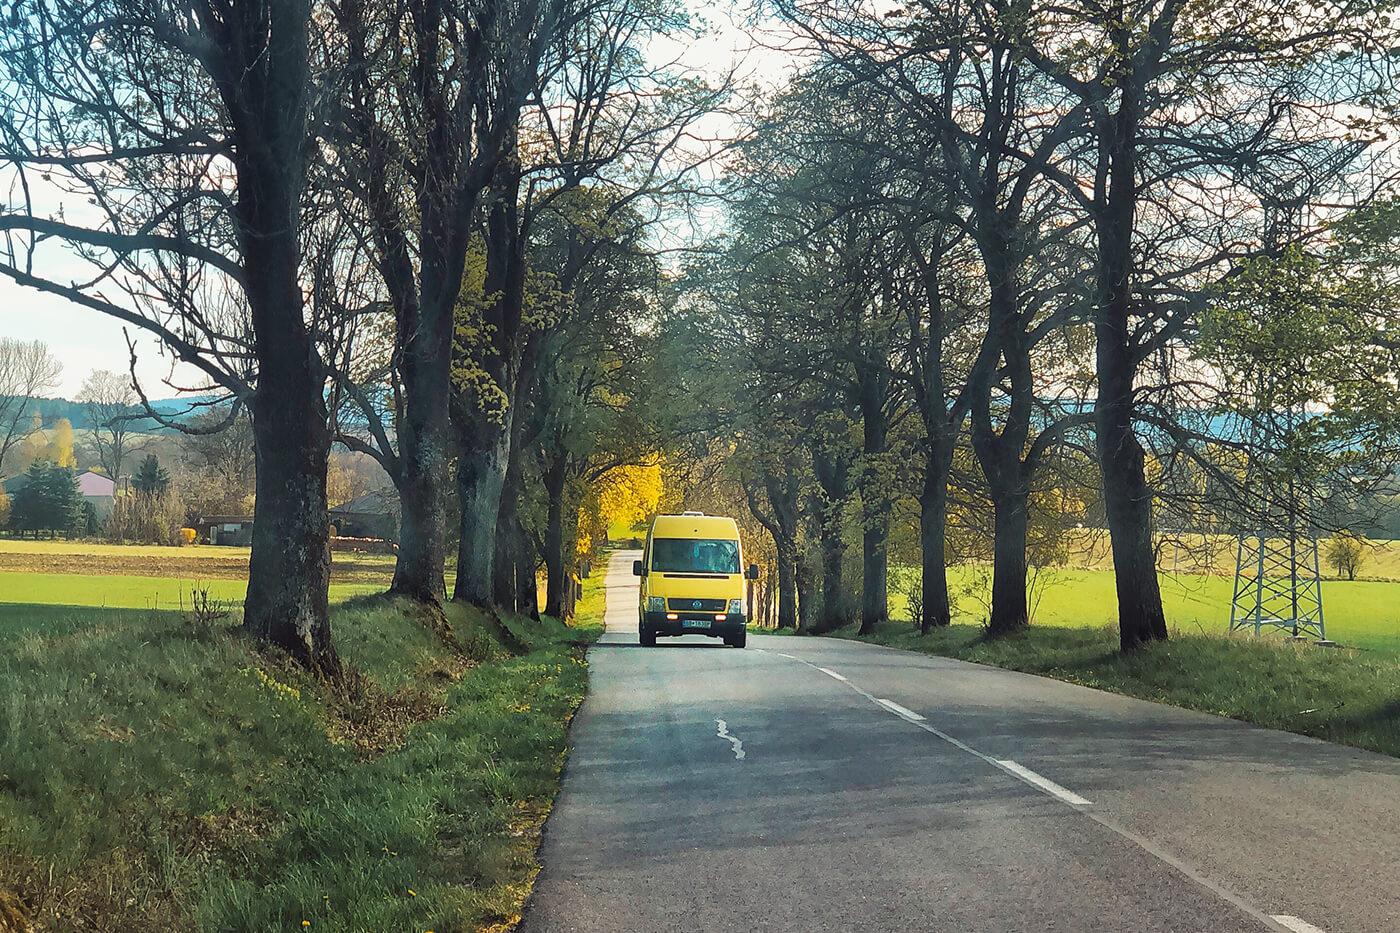 От нашего последнего места стоянки до Братиславы — около 300 км пути